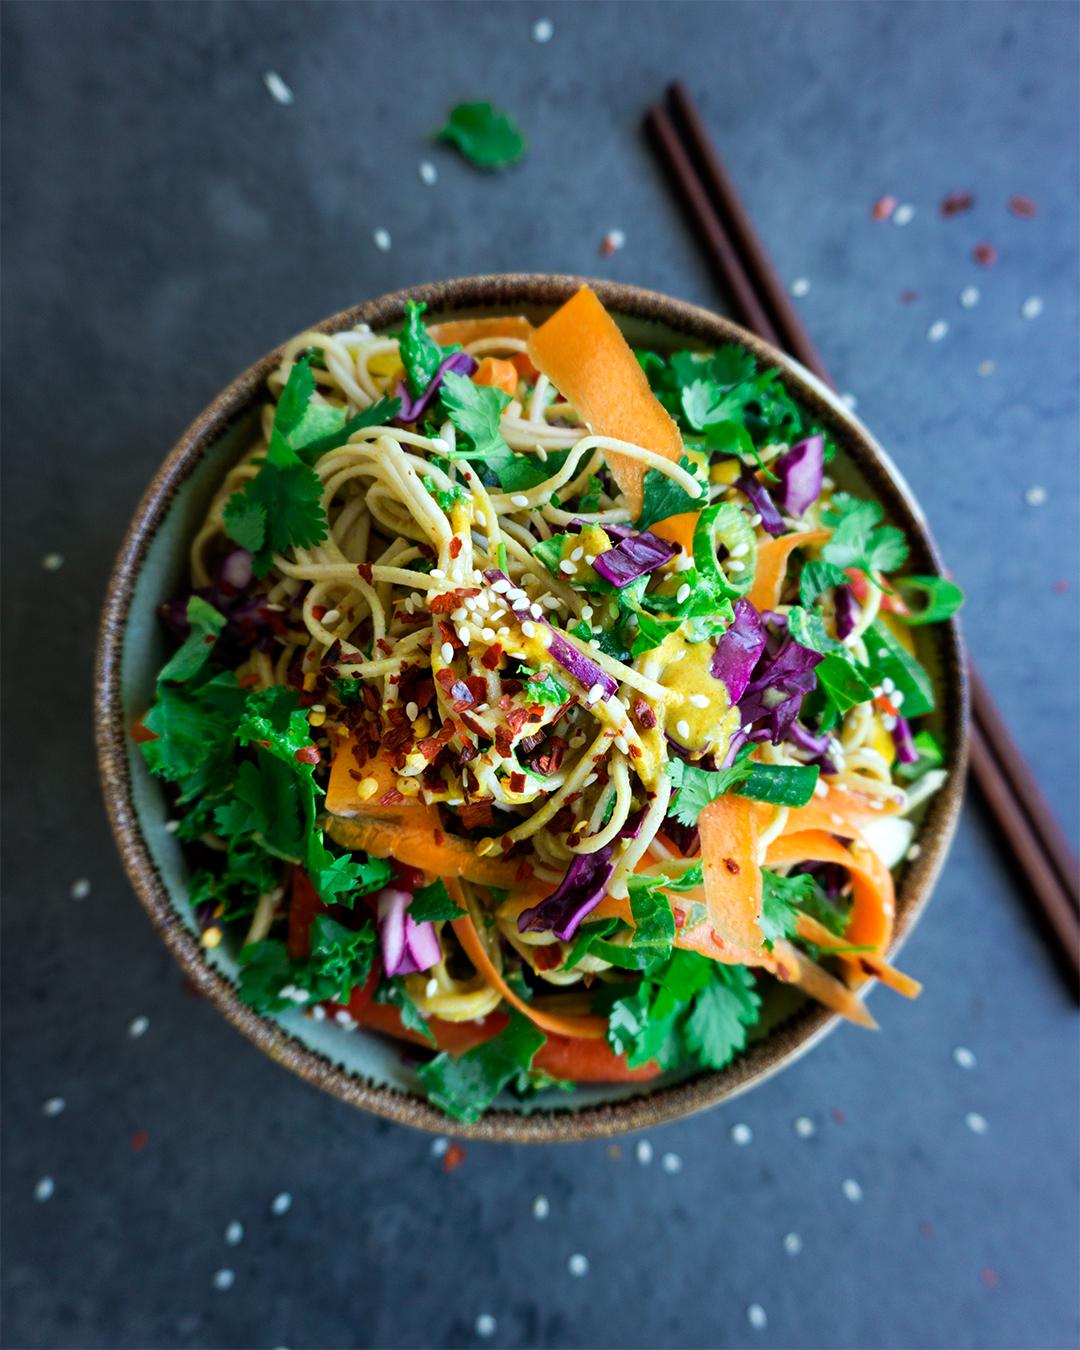 thaise-noedelsalade-olievrije-kerriedressing-vegan-whole-foods-suikervrij-glutenvrije-optie-02.jpg